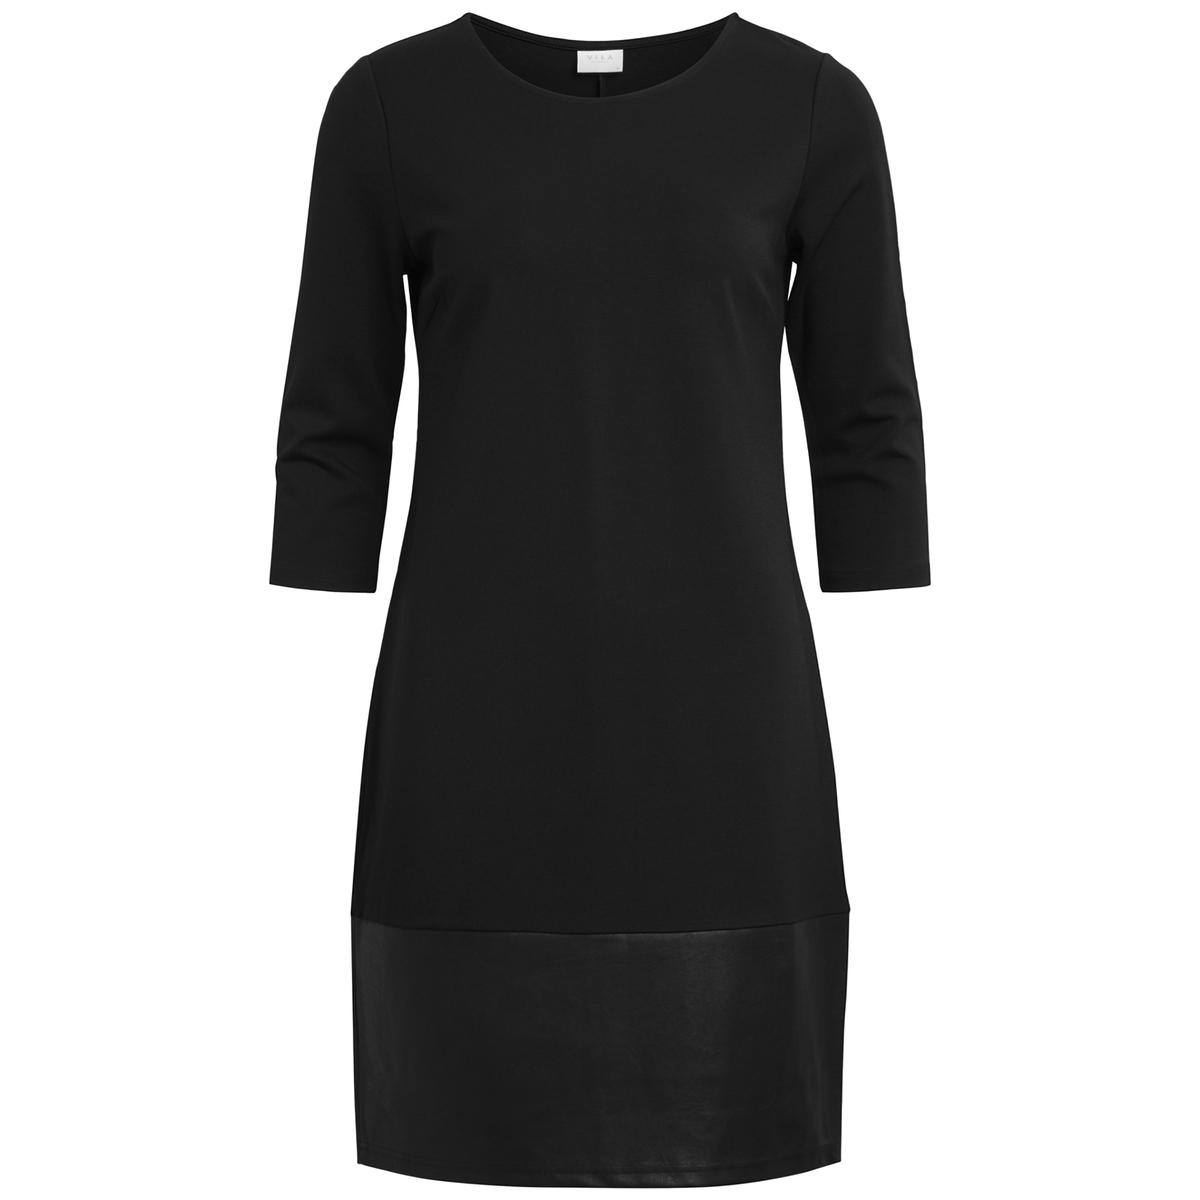 Платье короткое прямое однотонное с рукавами 3/4 vila платье vila модель 25960236